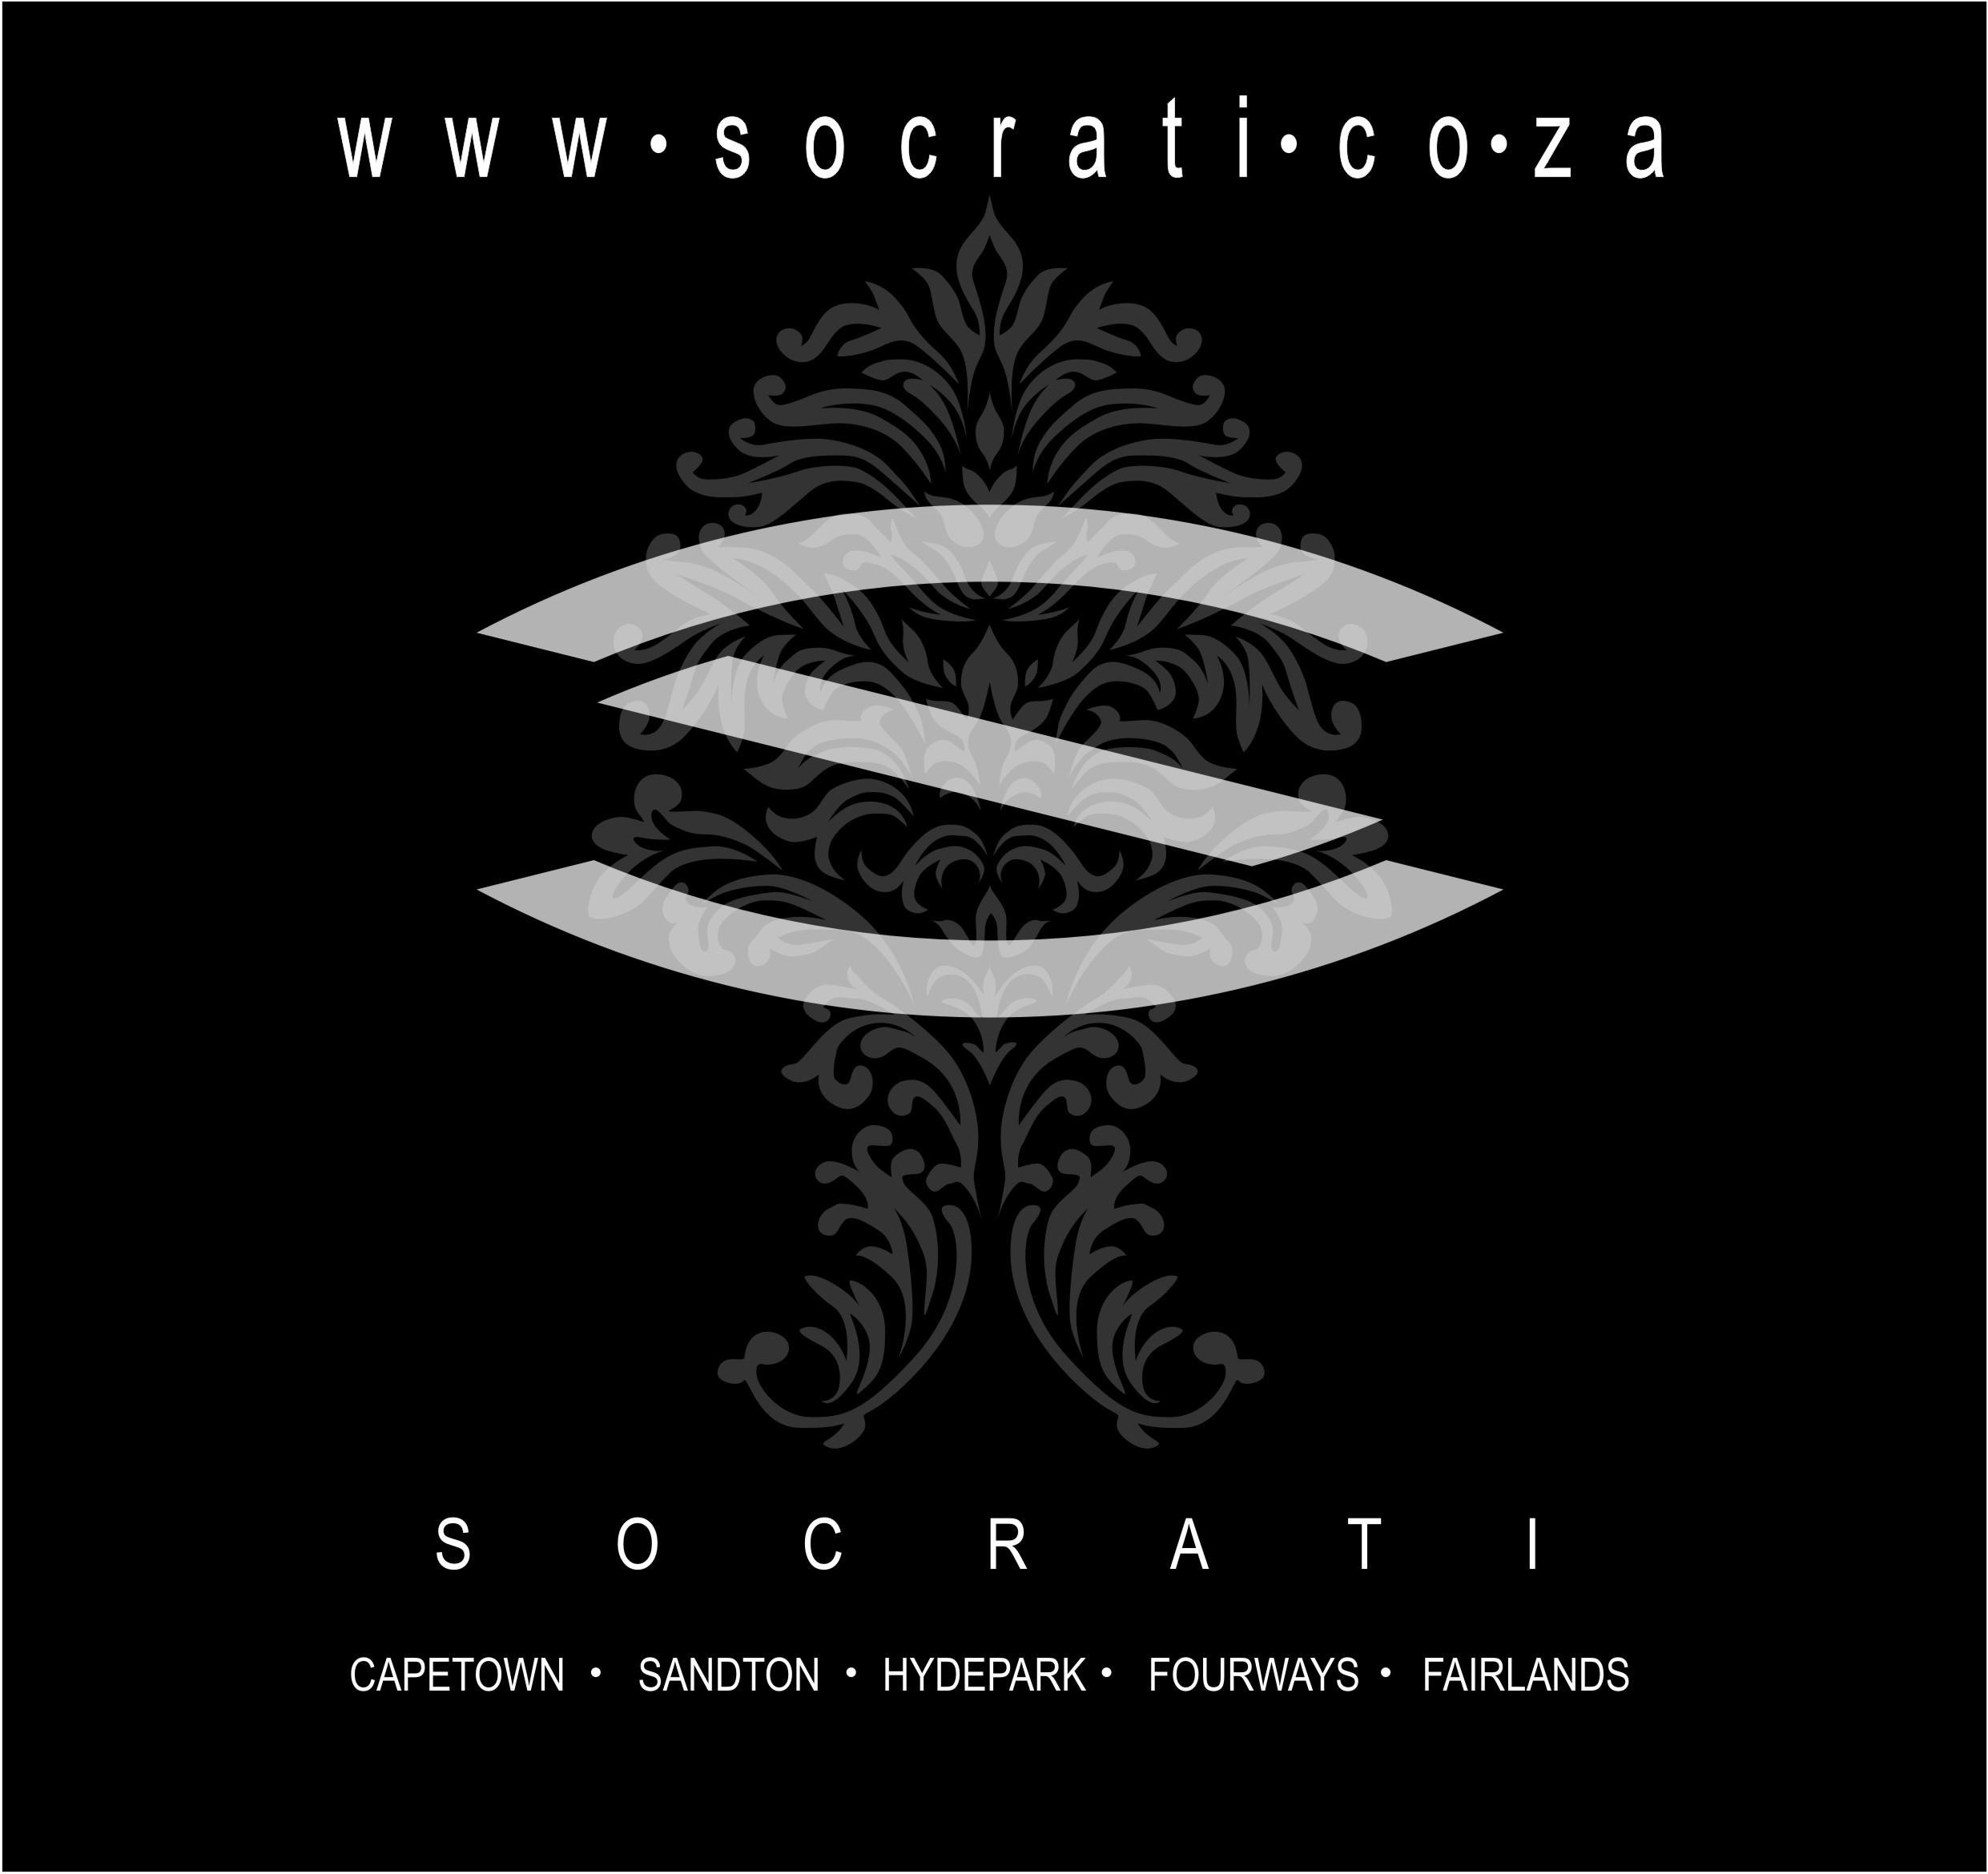 Socrati